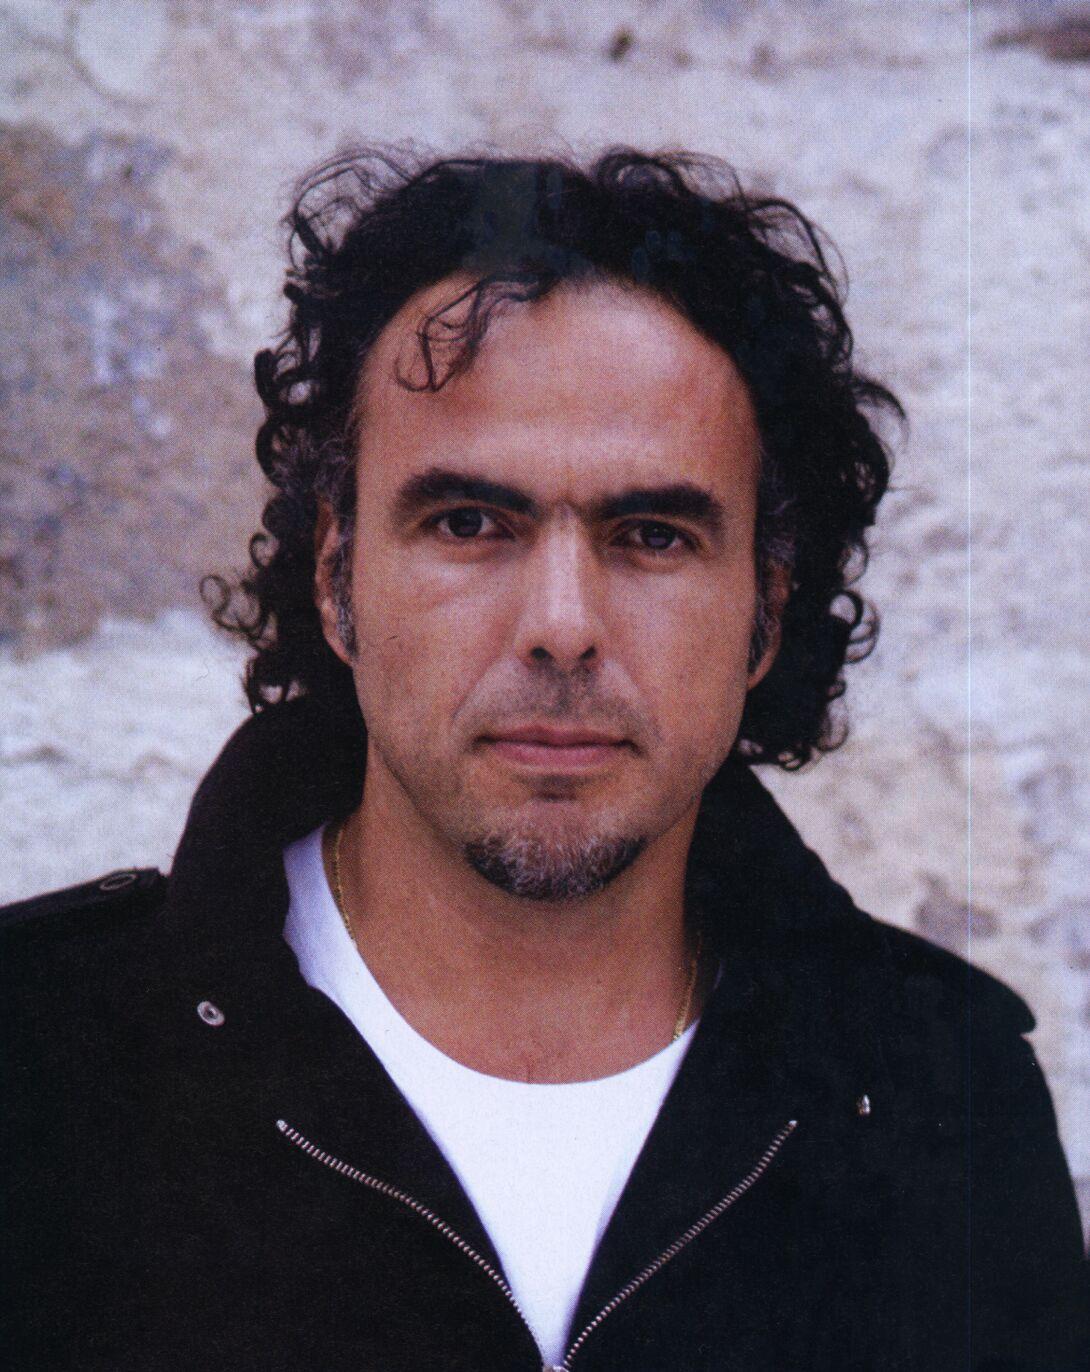 Alejandro Gonzalez Inarritu 01.jpg